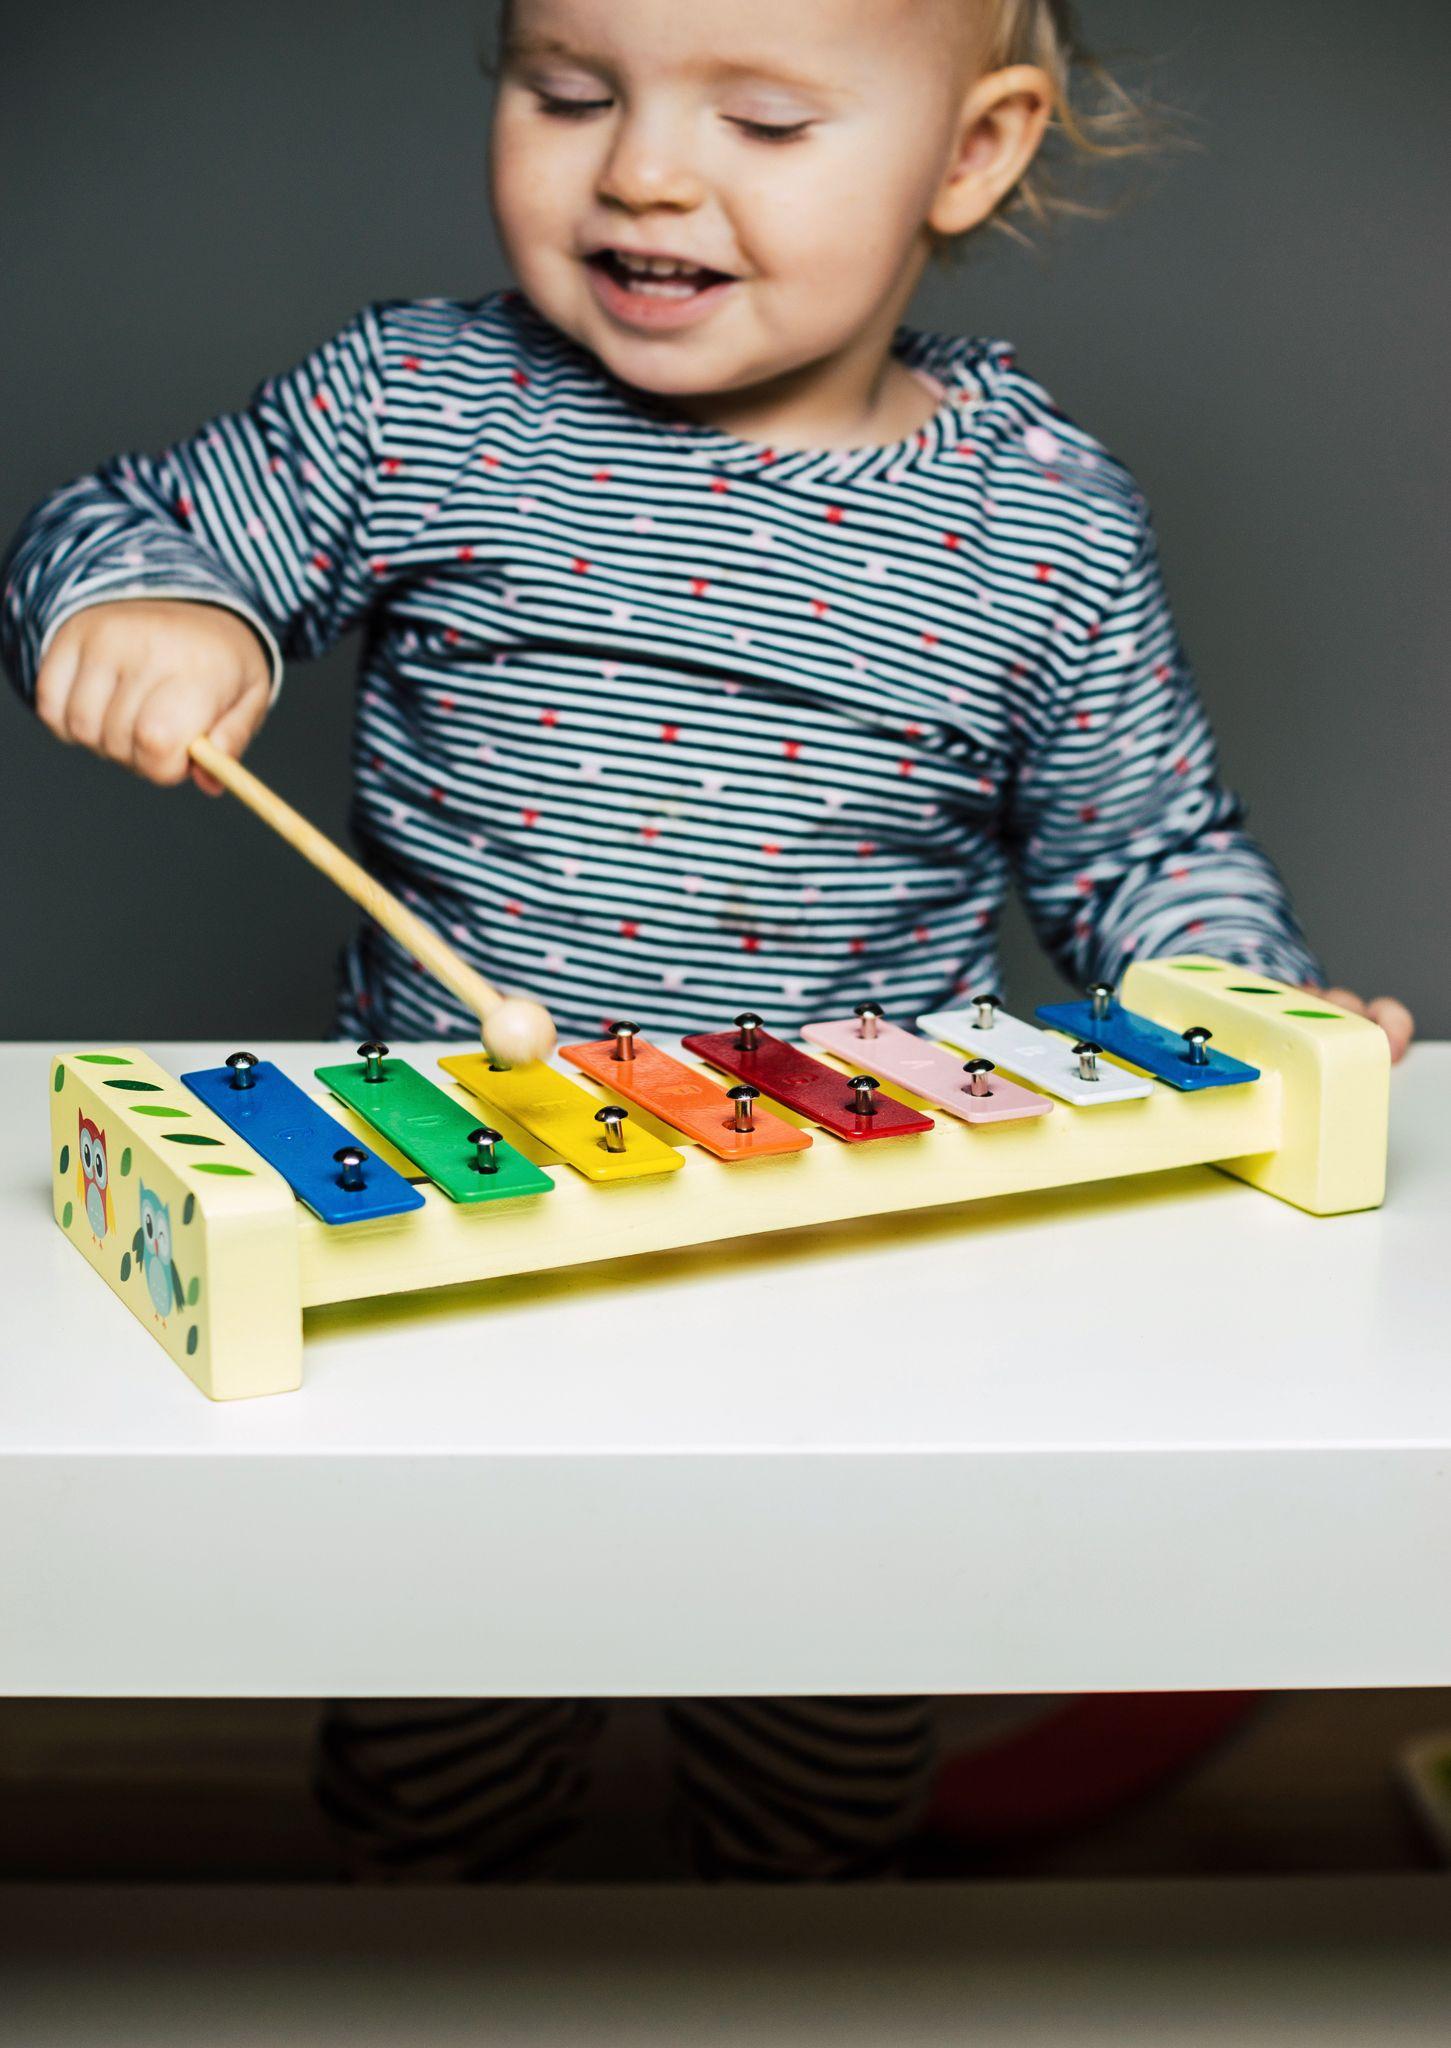 Montessori Geschenke 10 Ideen Ab 1 Jahr Geschenke Fur Kleinkinder Zwillinge Geburtstag Und Geschenk Baby 1 Jahr